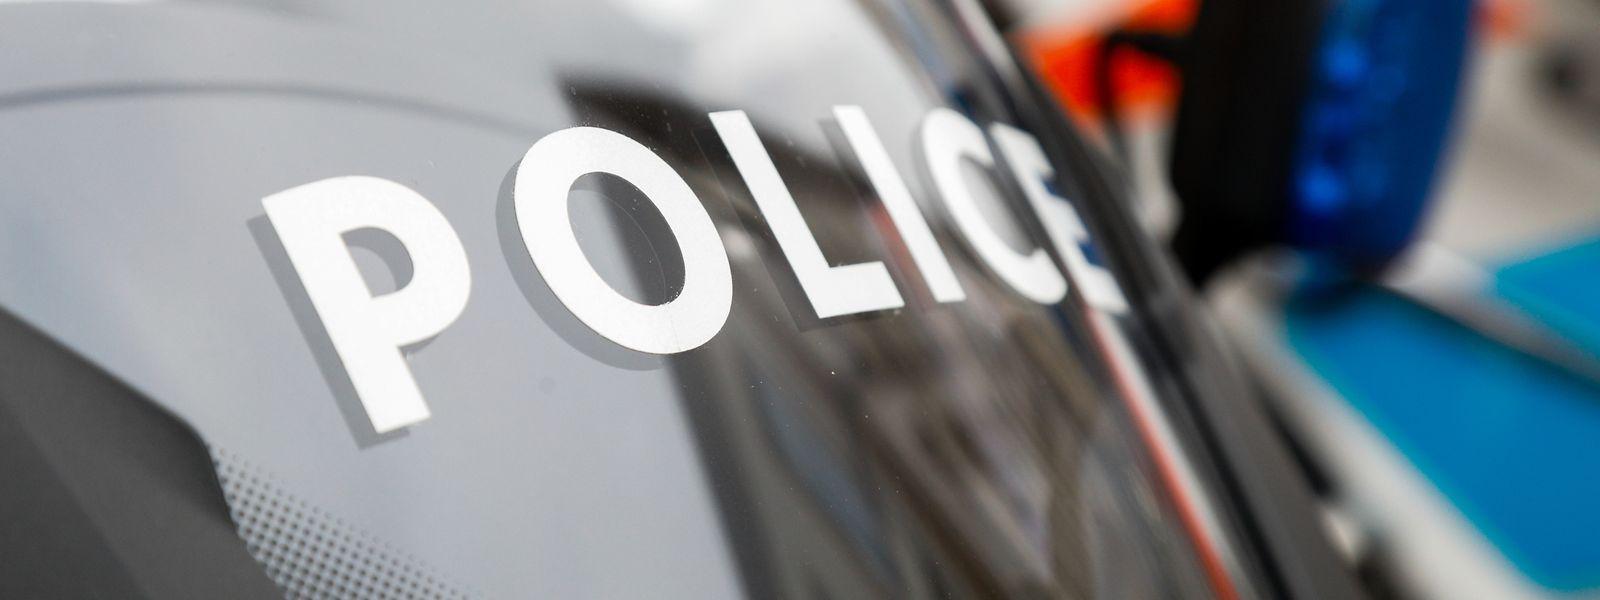 Augenzeugen haben der Polizei in der Nacht zum Samstag einen Falschfahrer auf der A1 gemeldet.